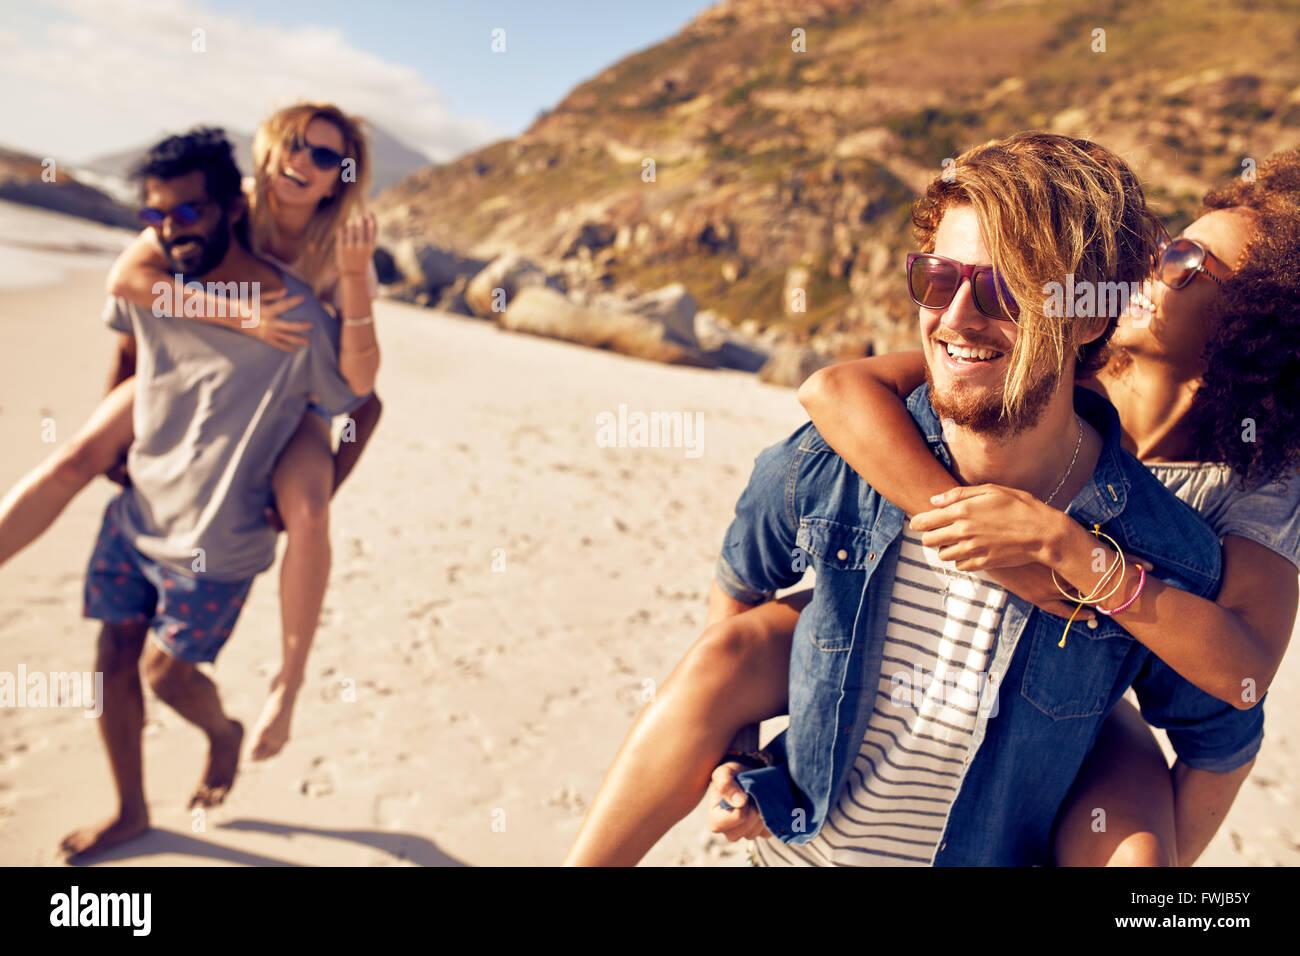 Junge Männer Huckepack Frauen am Ufer Meeres. Gemischte Rassen Jugendlichen Sommerurlaub am Strand genießen. Stockbild